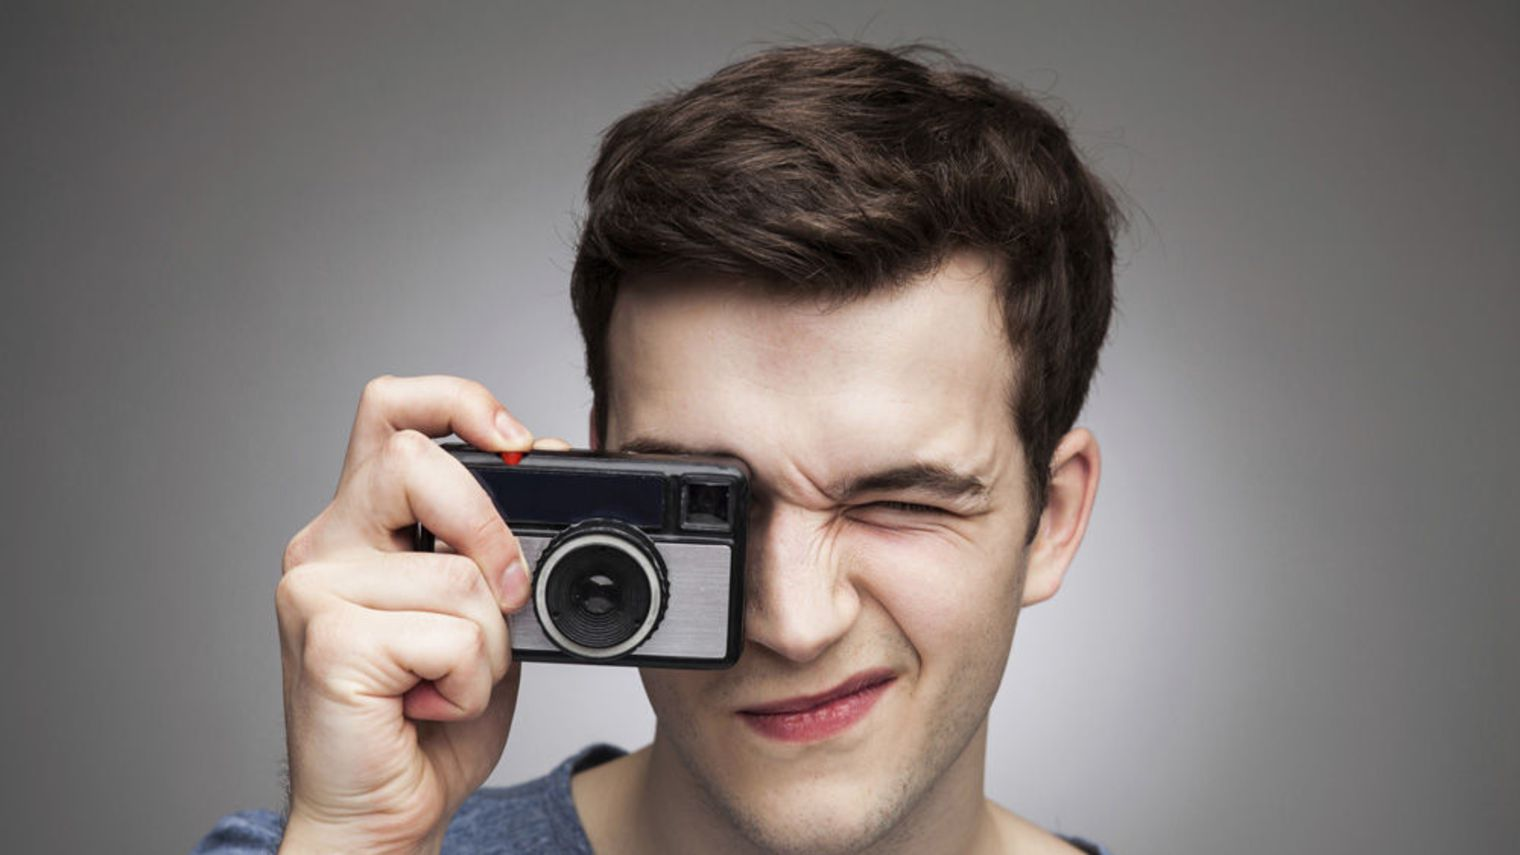 Ecole photographie : la seule formation en photographie ?